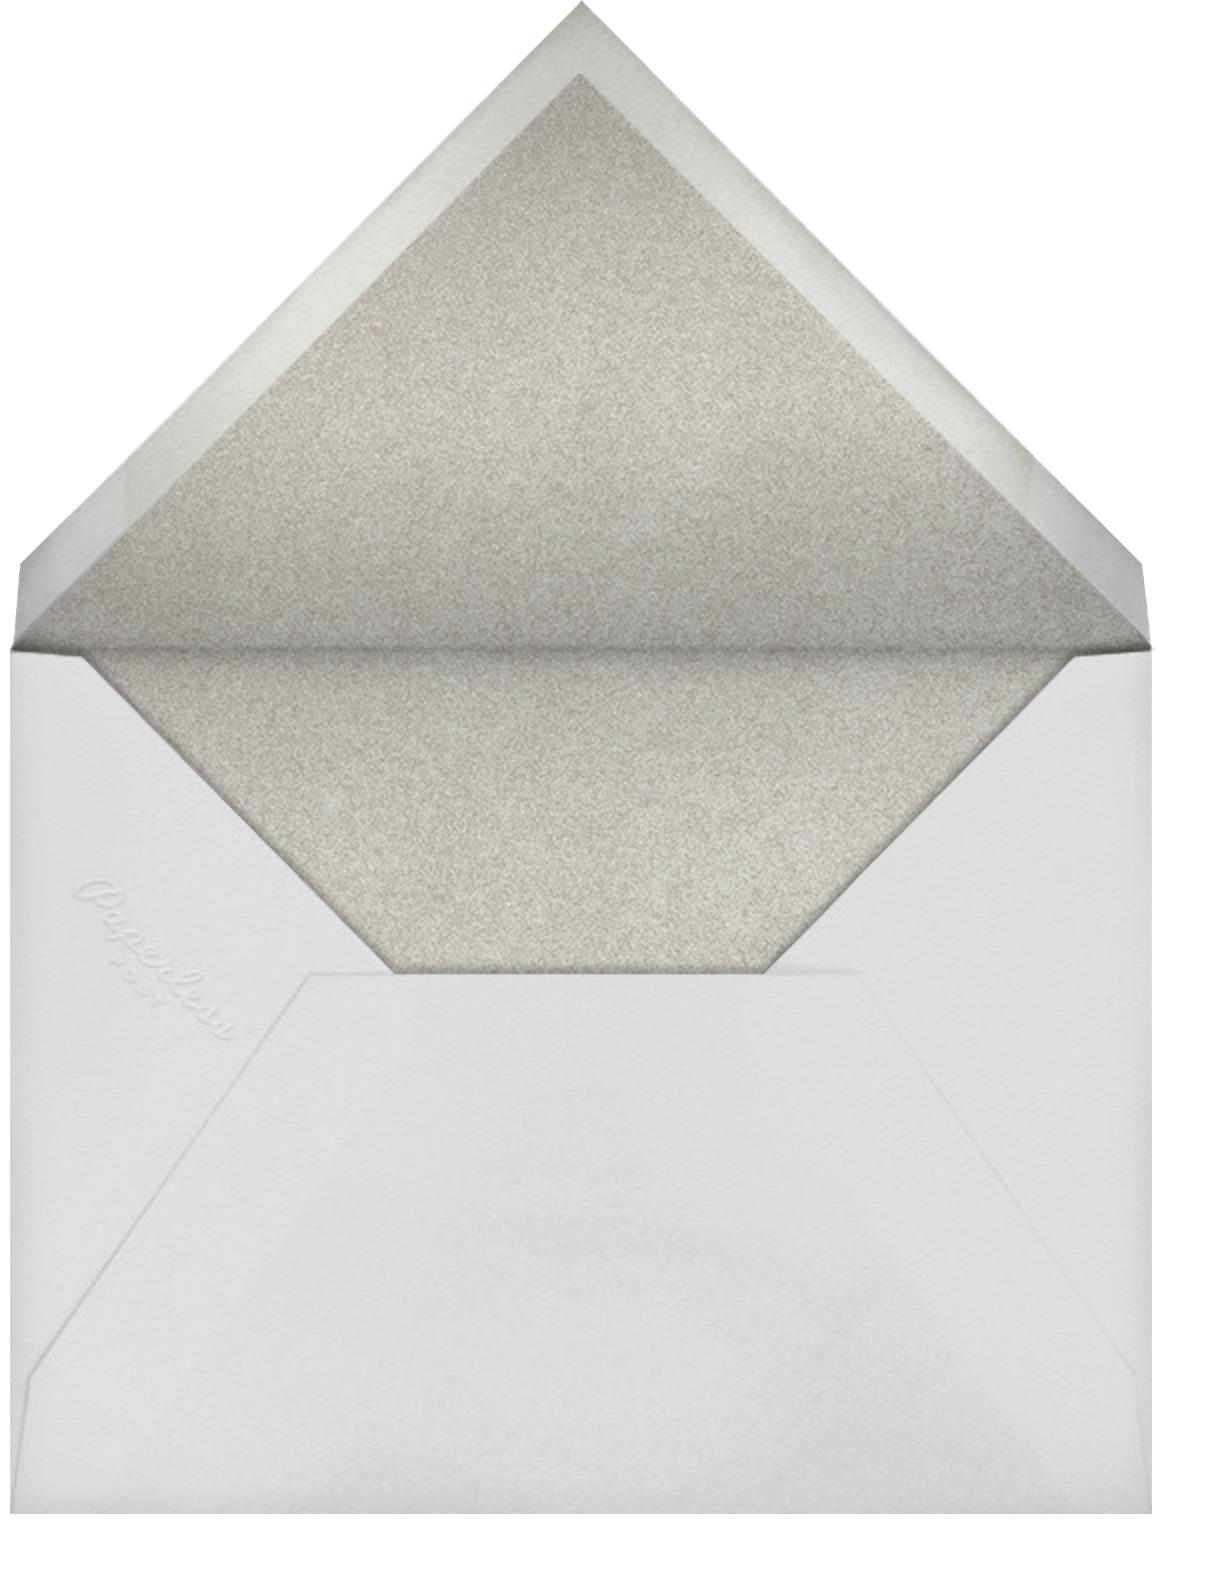 Elope I - Kelly Wearstler - All - envelope back